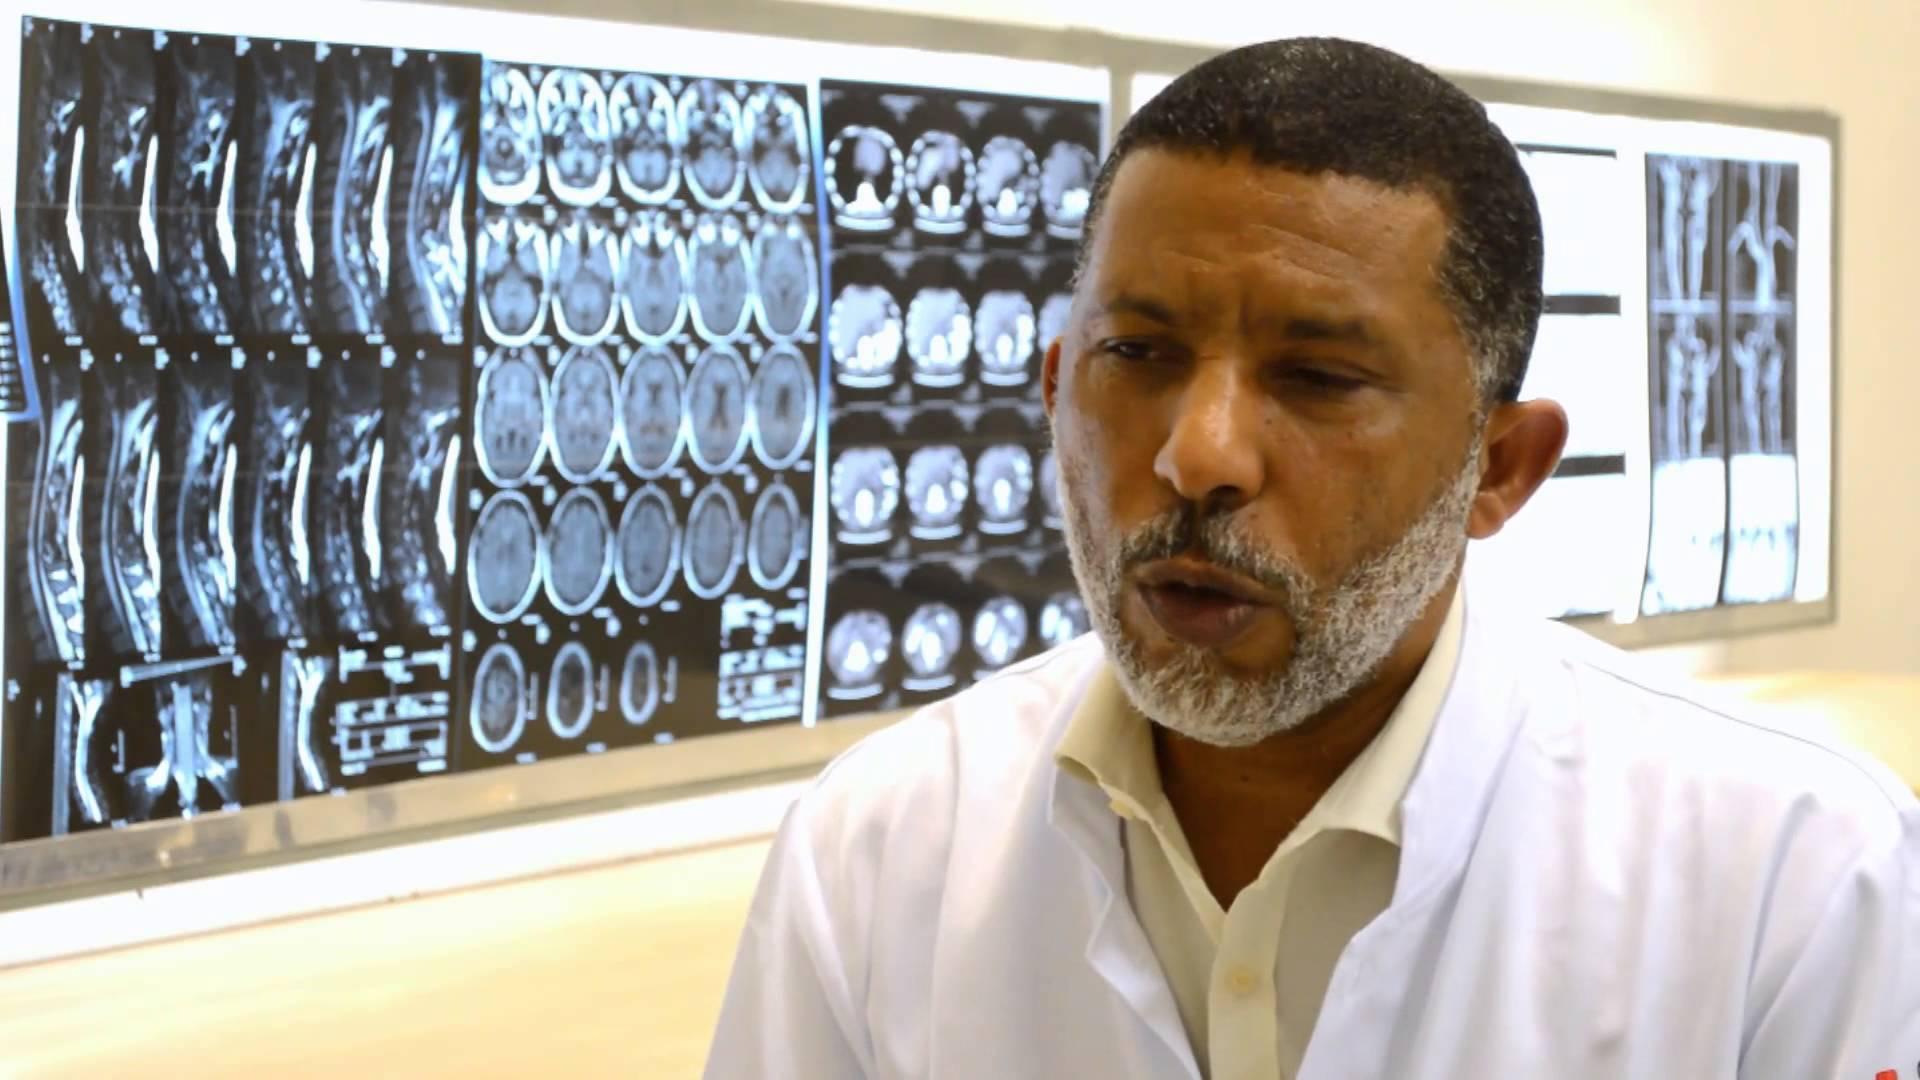 Aprenda com os melhores fazendo um curso de radiologia (Foto: Divulgação)